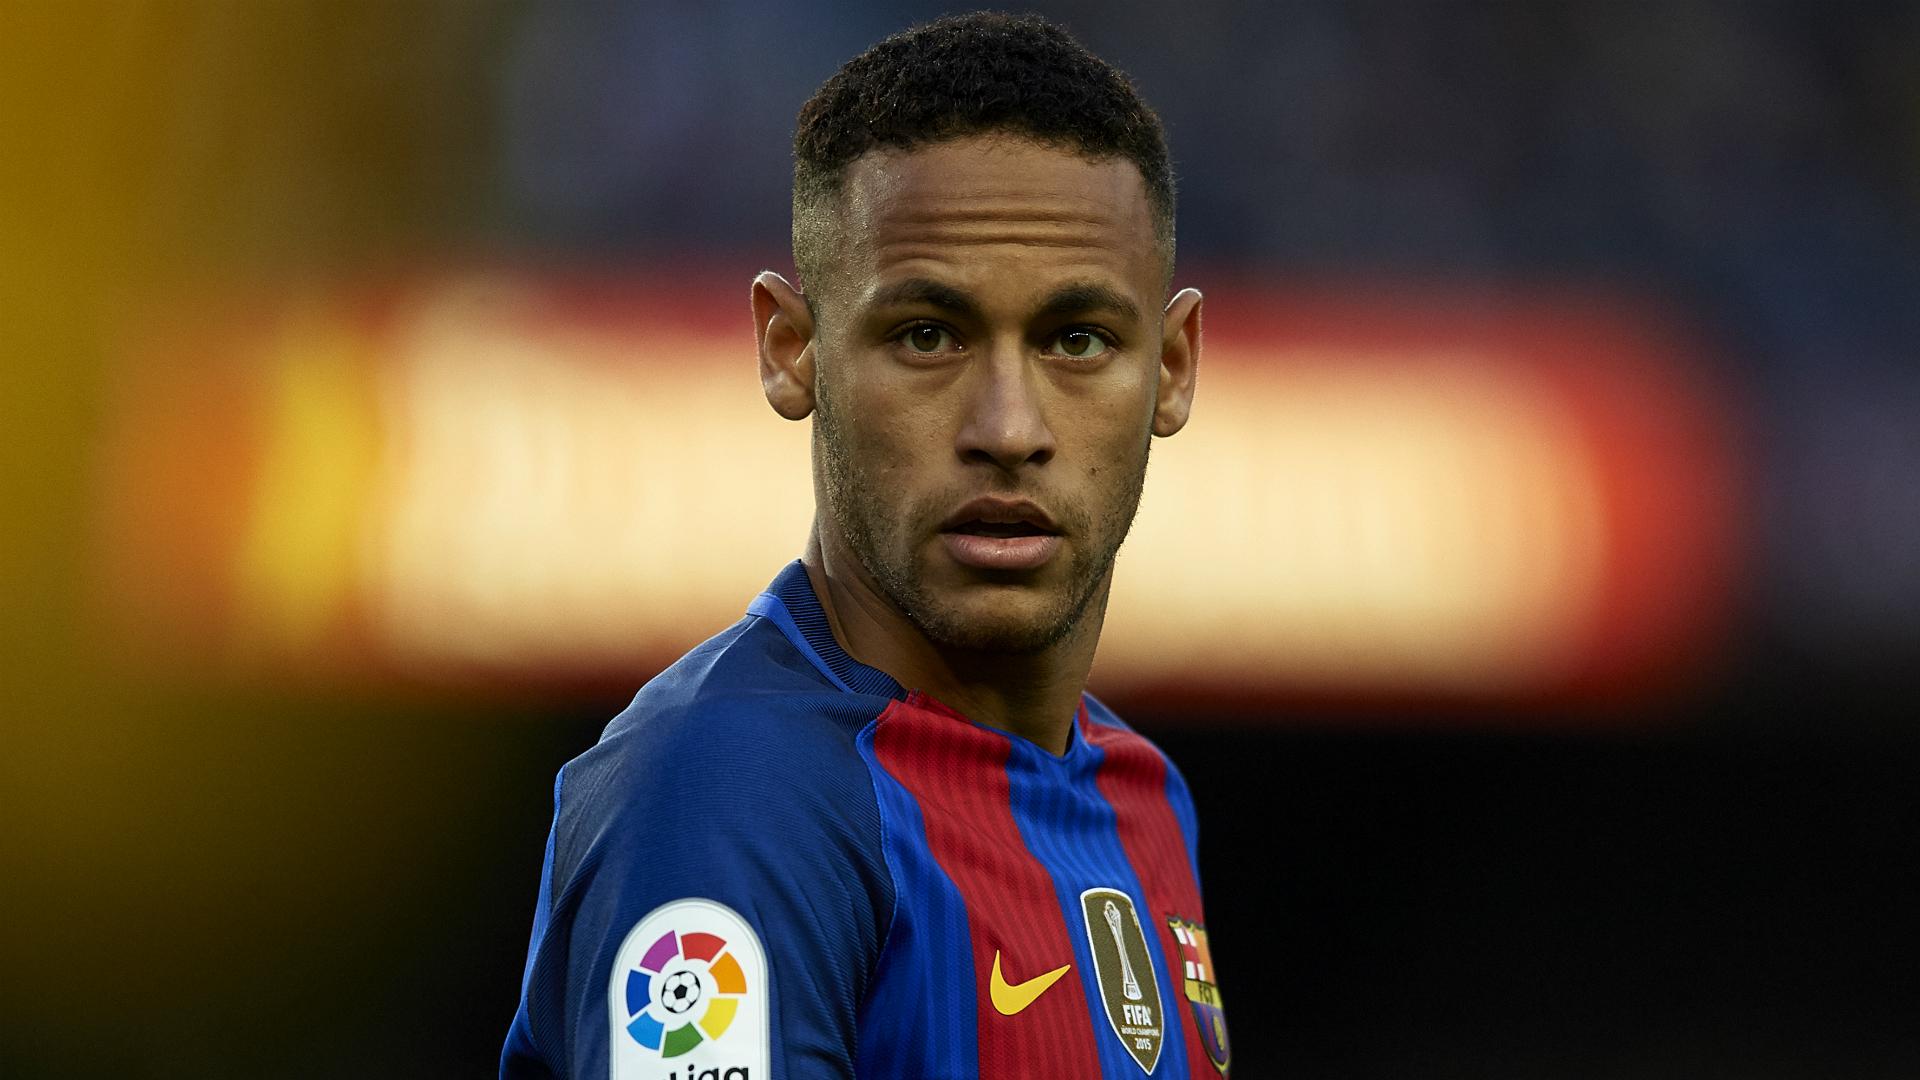 Neymar's potential Barca return gets Rivaldo's approval